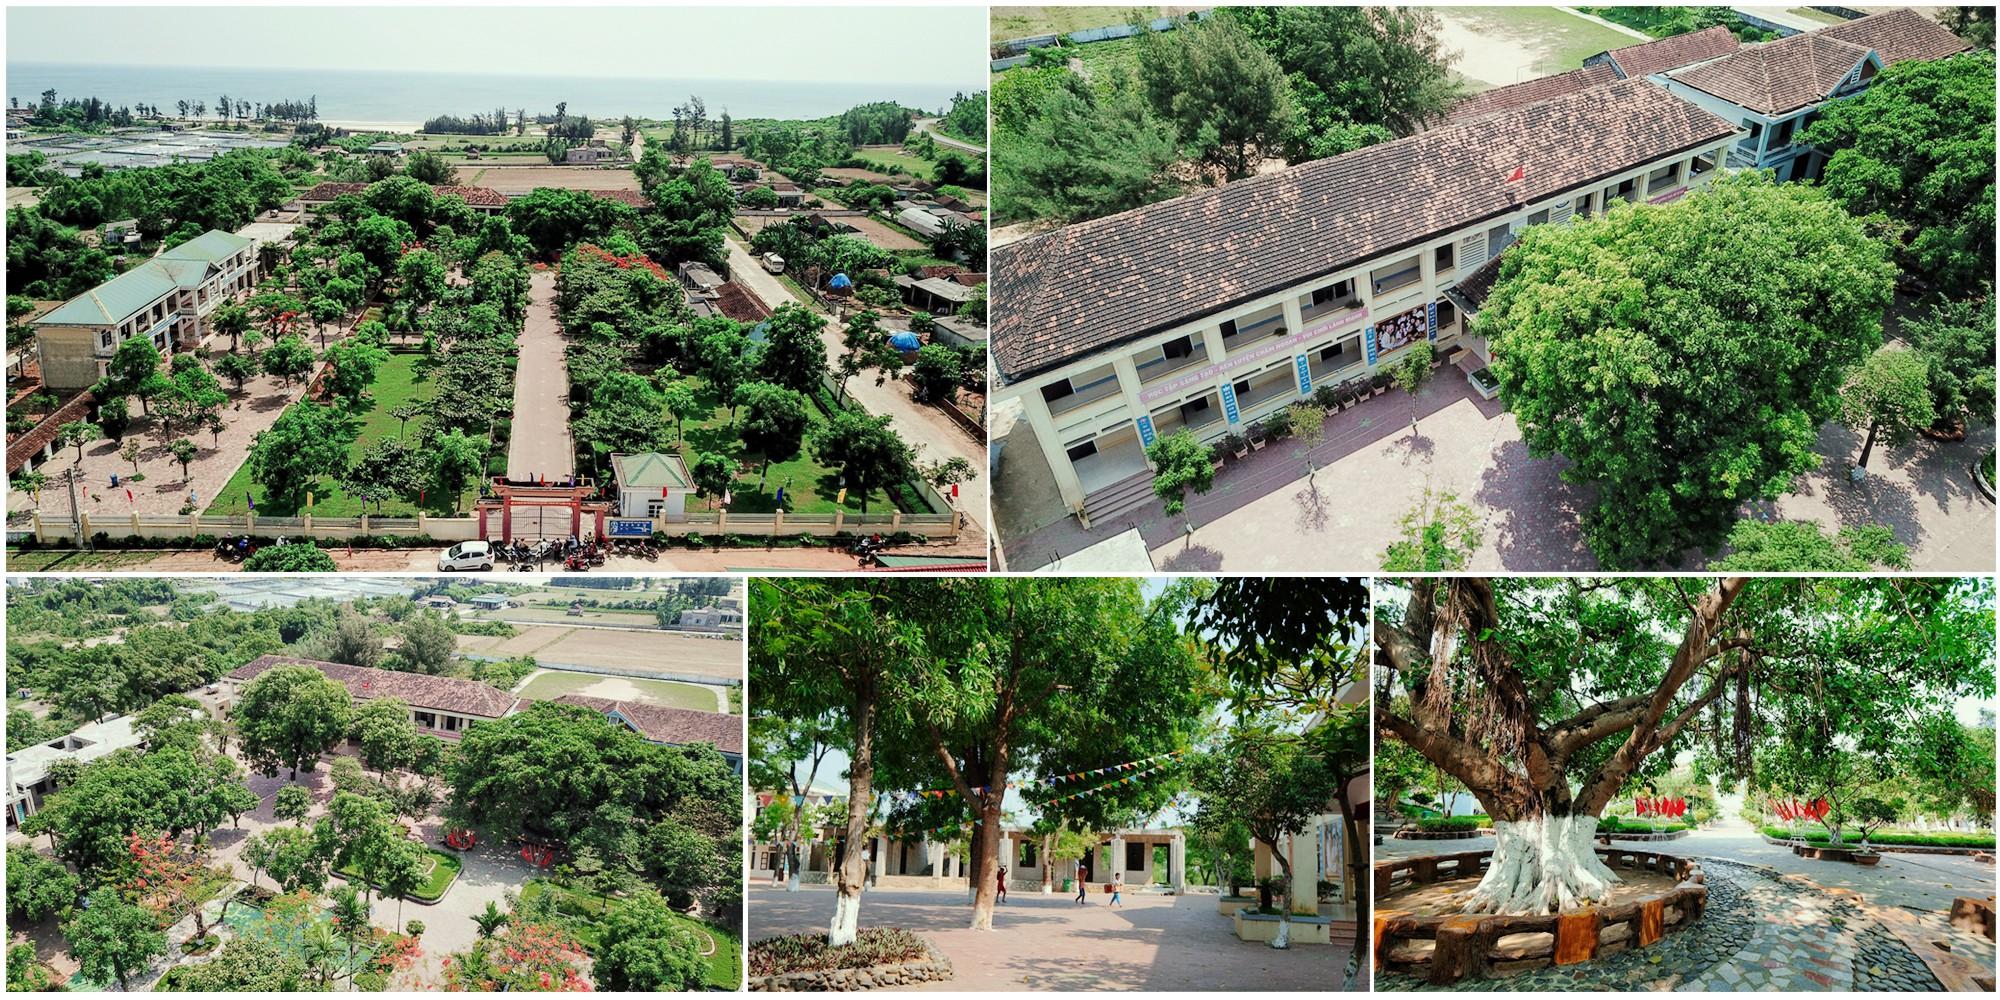 Ngôi trường rợp bóng cây như công viên - Ảnh 9.